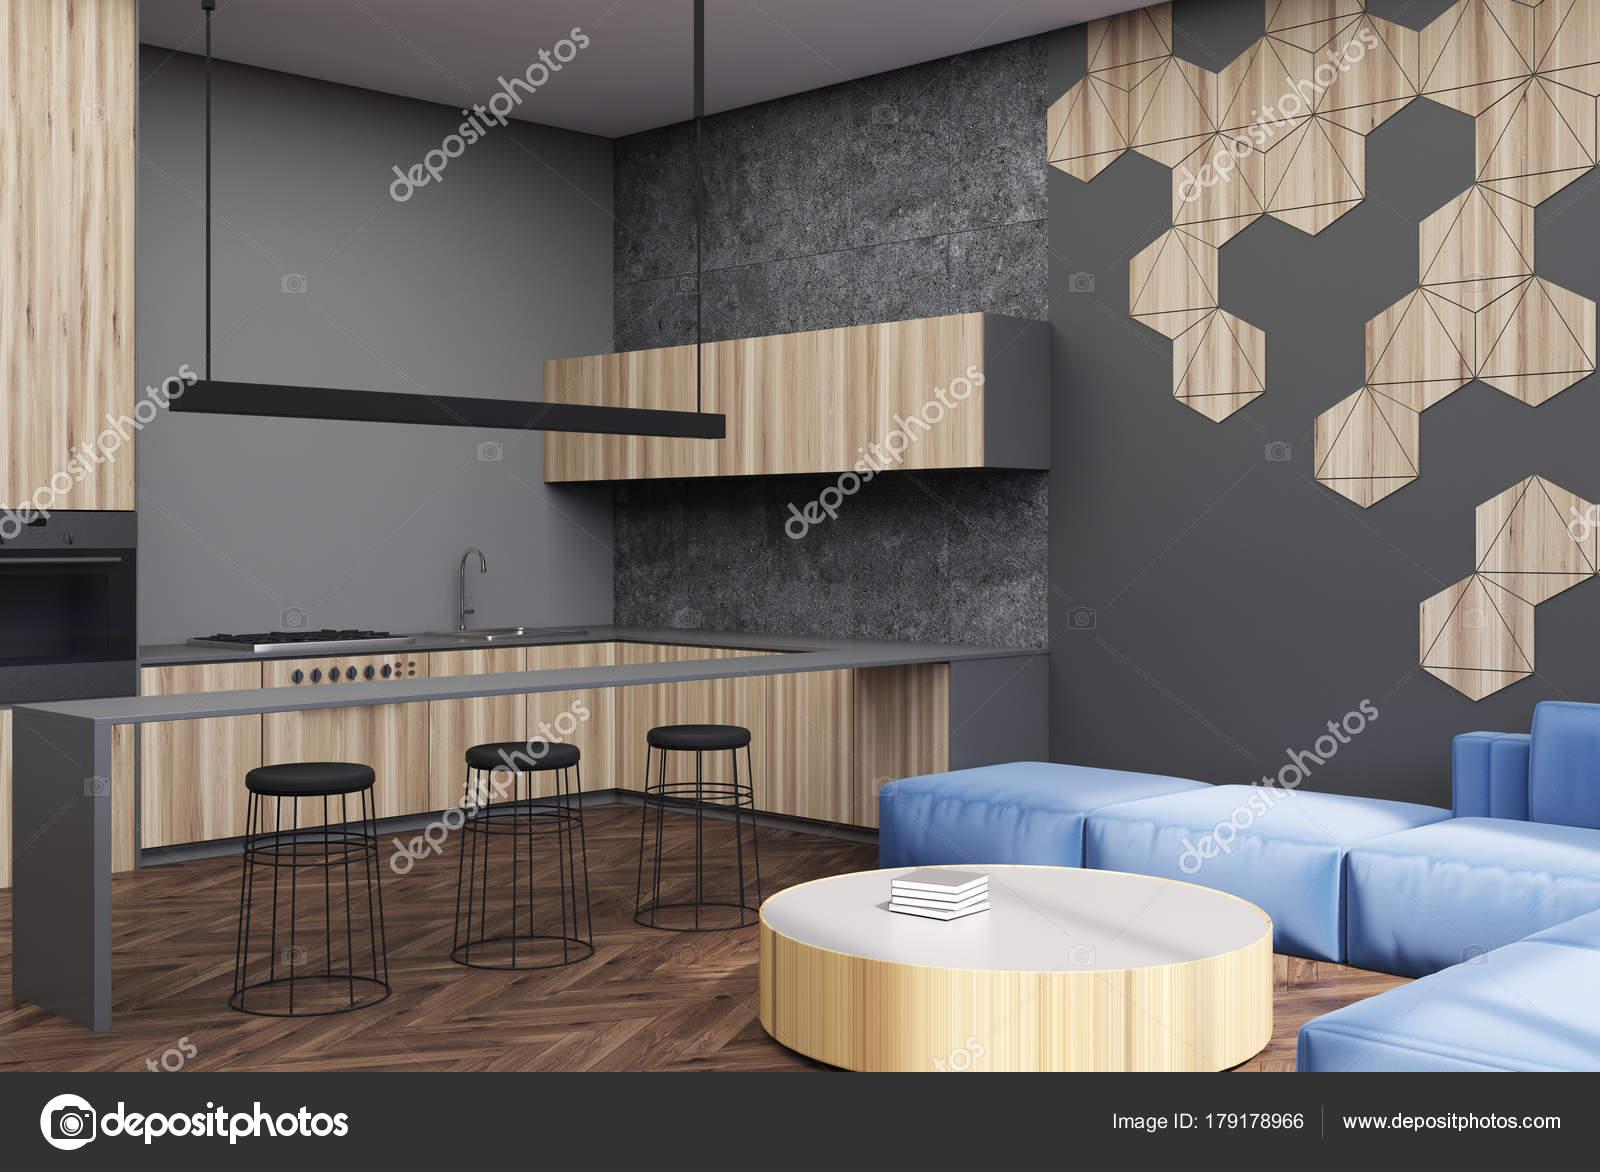 https://st3.depositphotos.com/2673929/17917/i/1600/depositphotos_179178966-stockafbeelding-zeshoek-patroon-woonkamer-en-bar.jpg